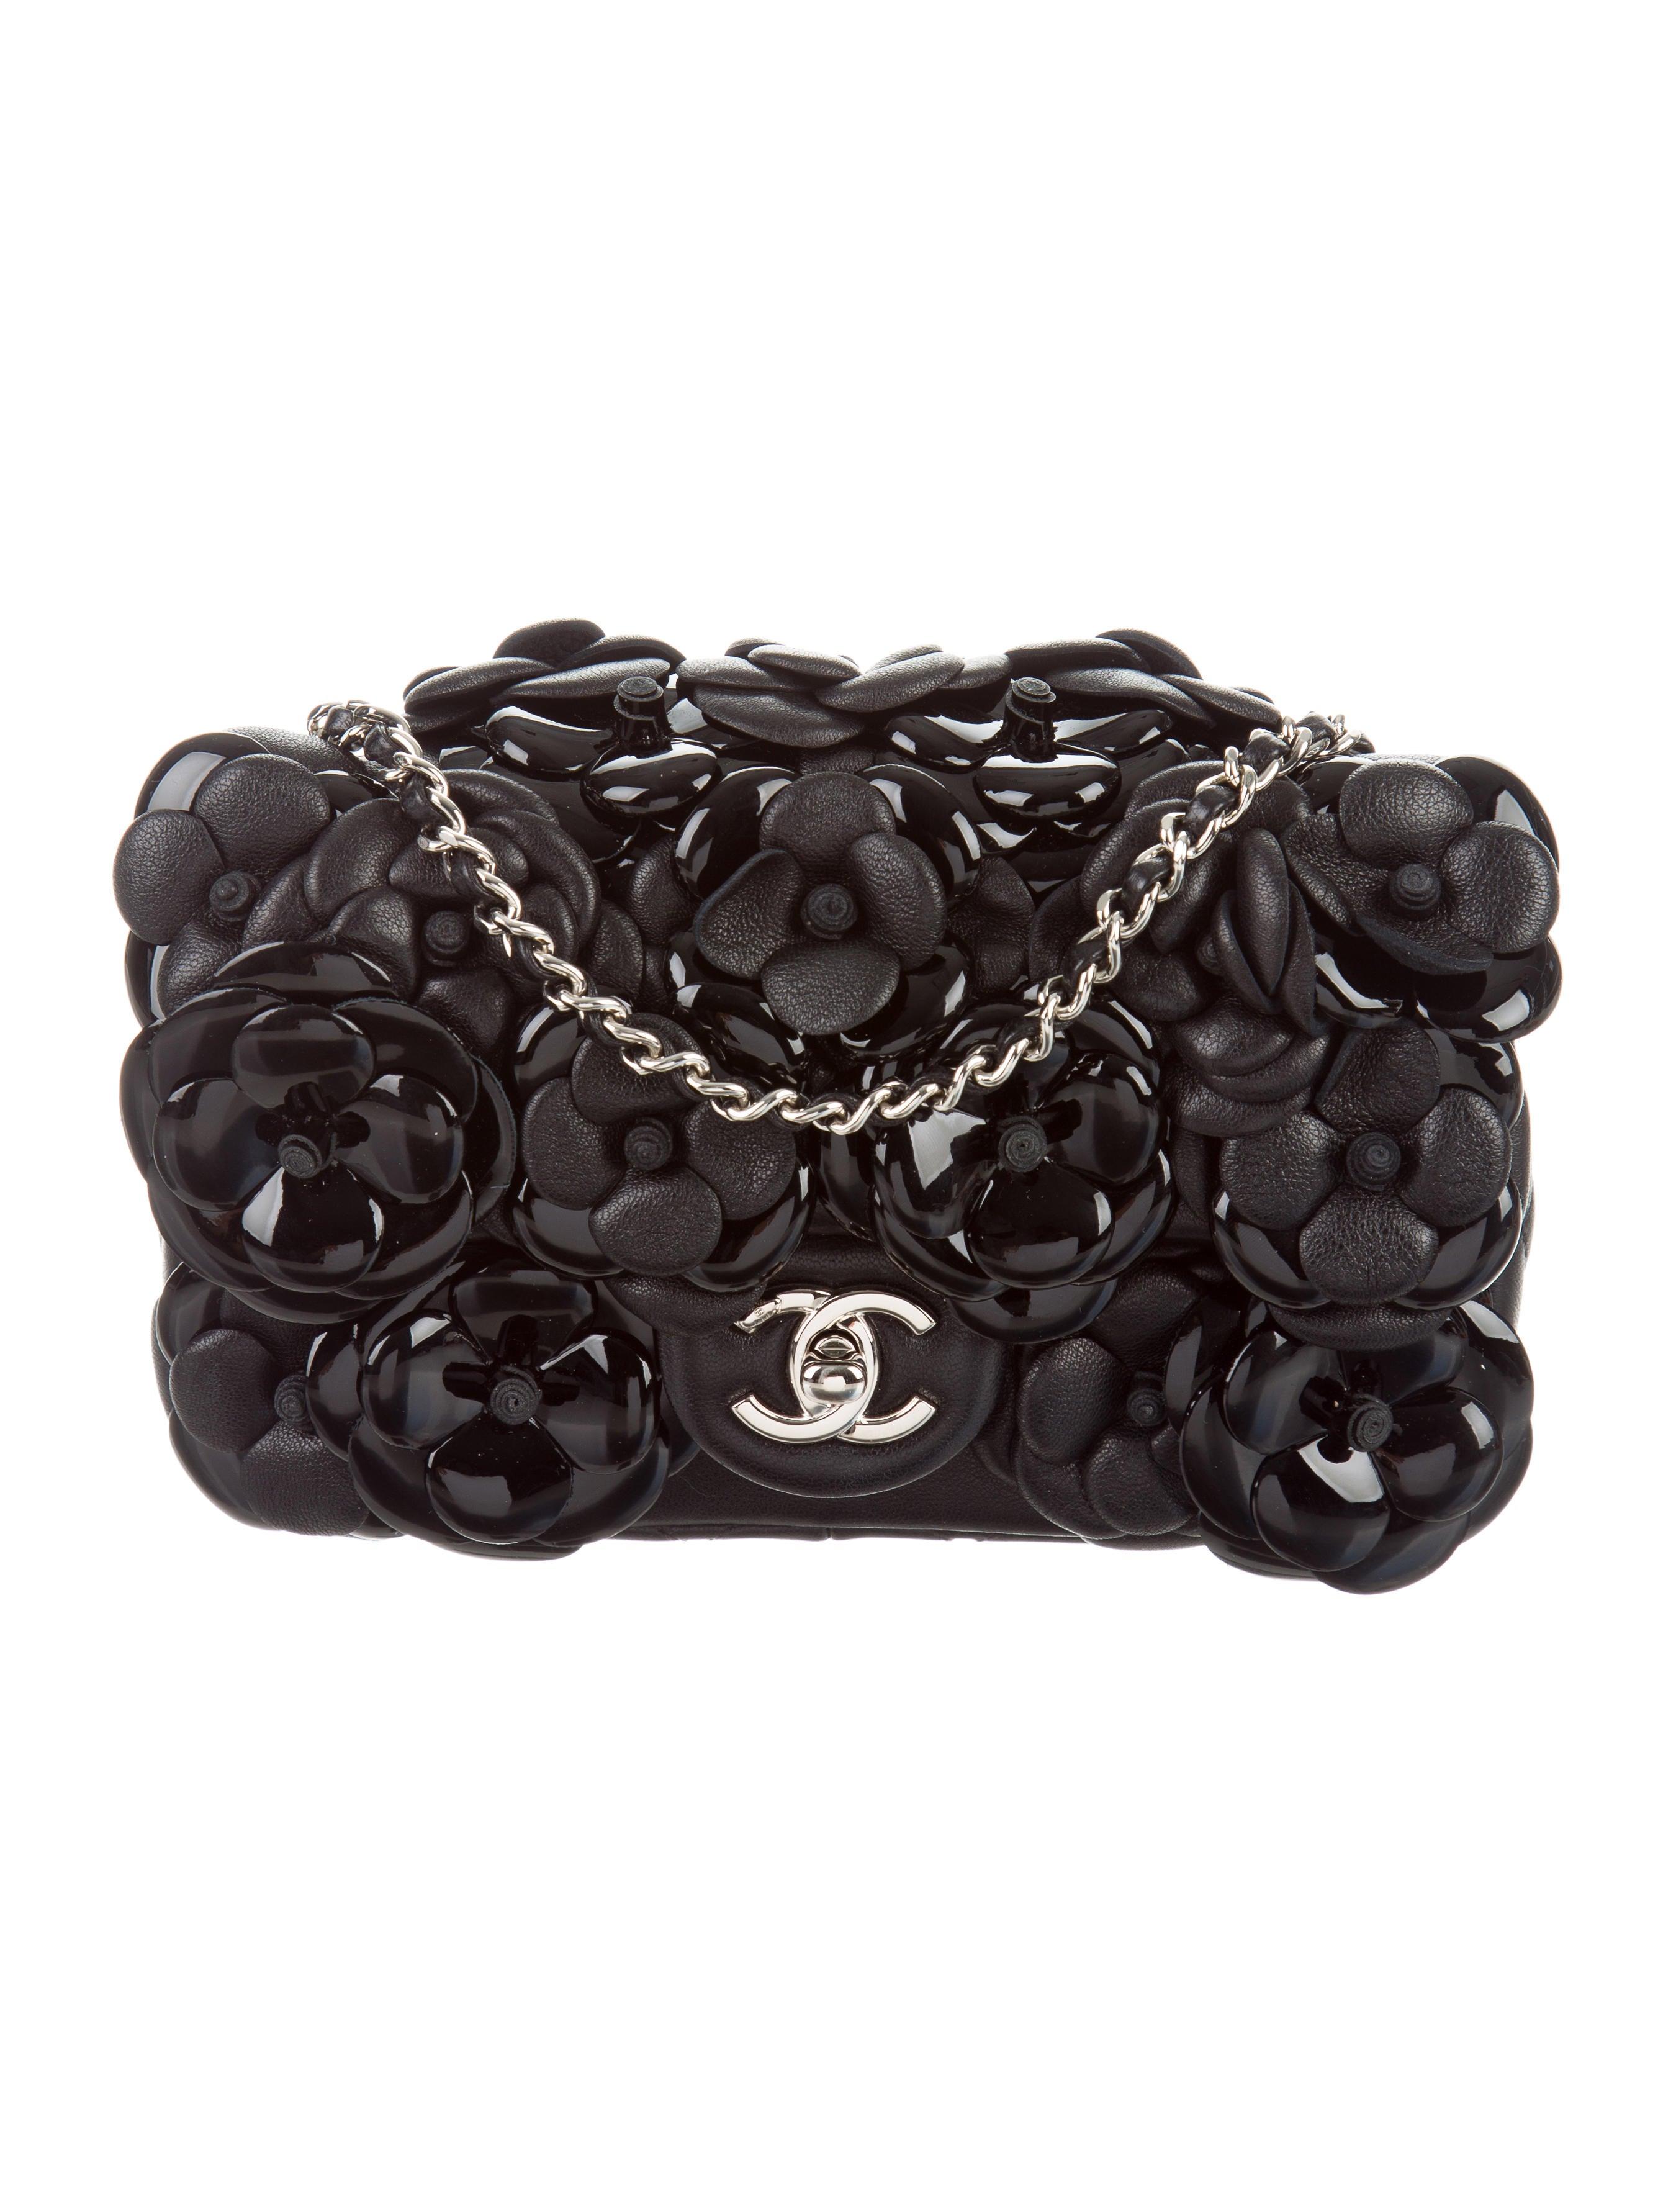 e60356201d0684 Chanel 2015 Mini Camellia Flap Bag - Handbags - CHA162326   The RealReal